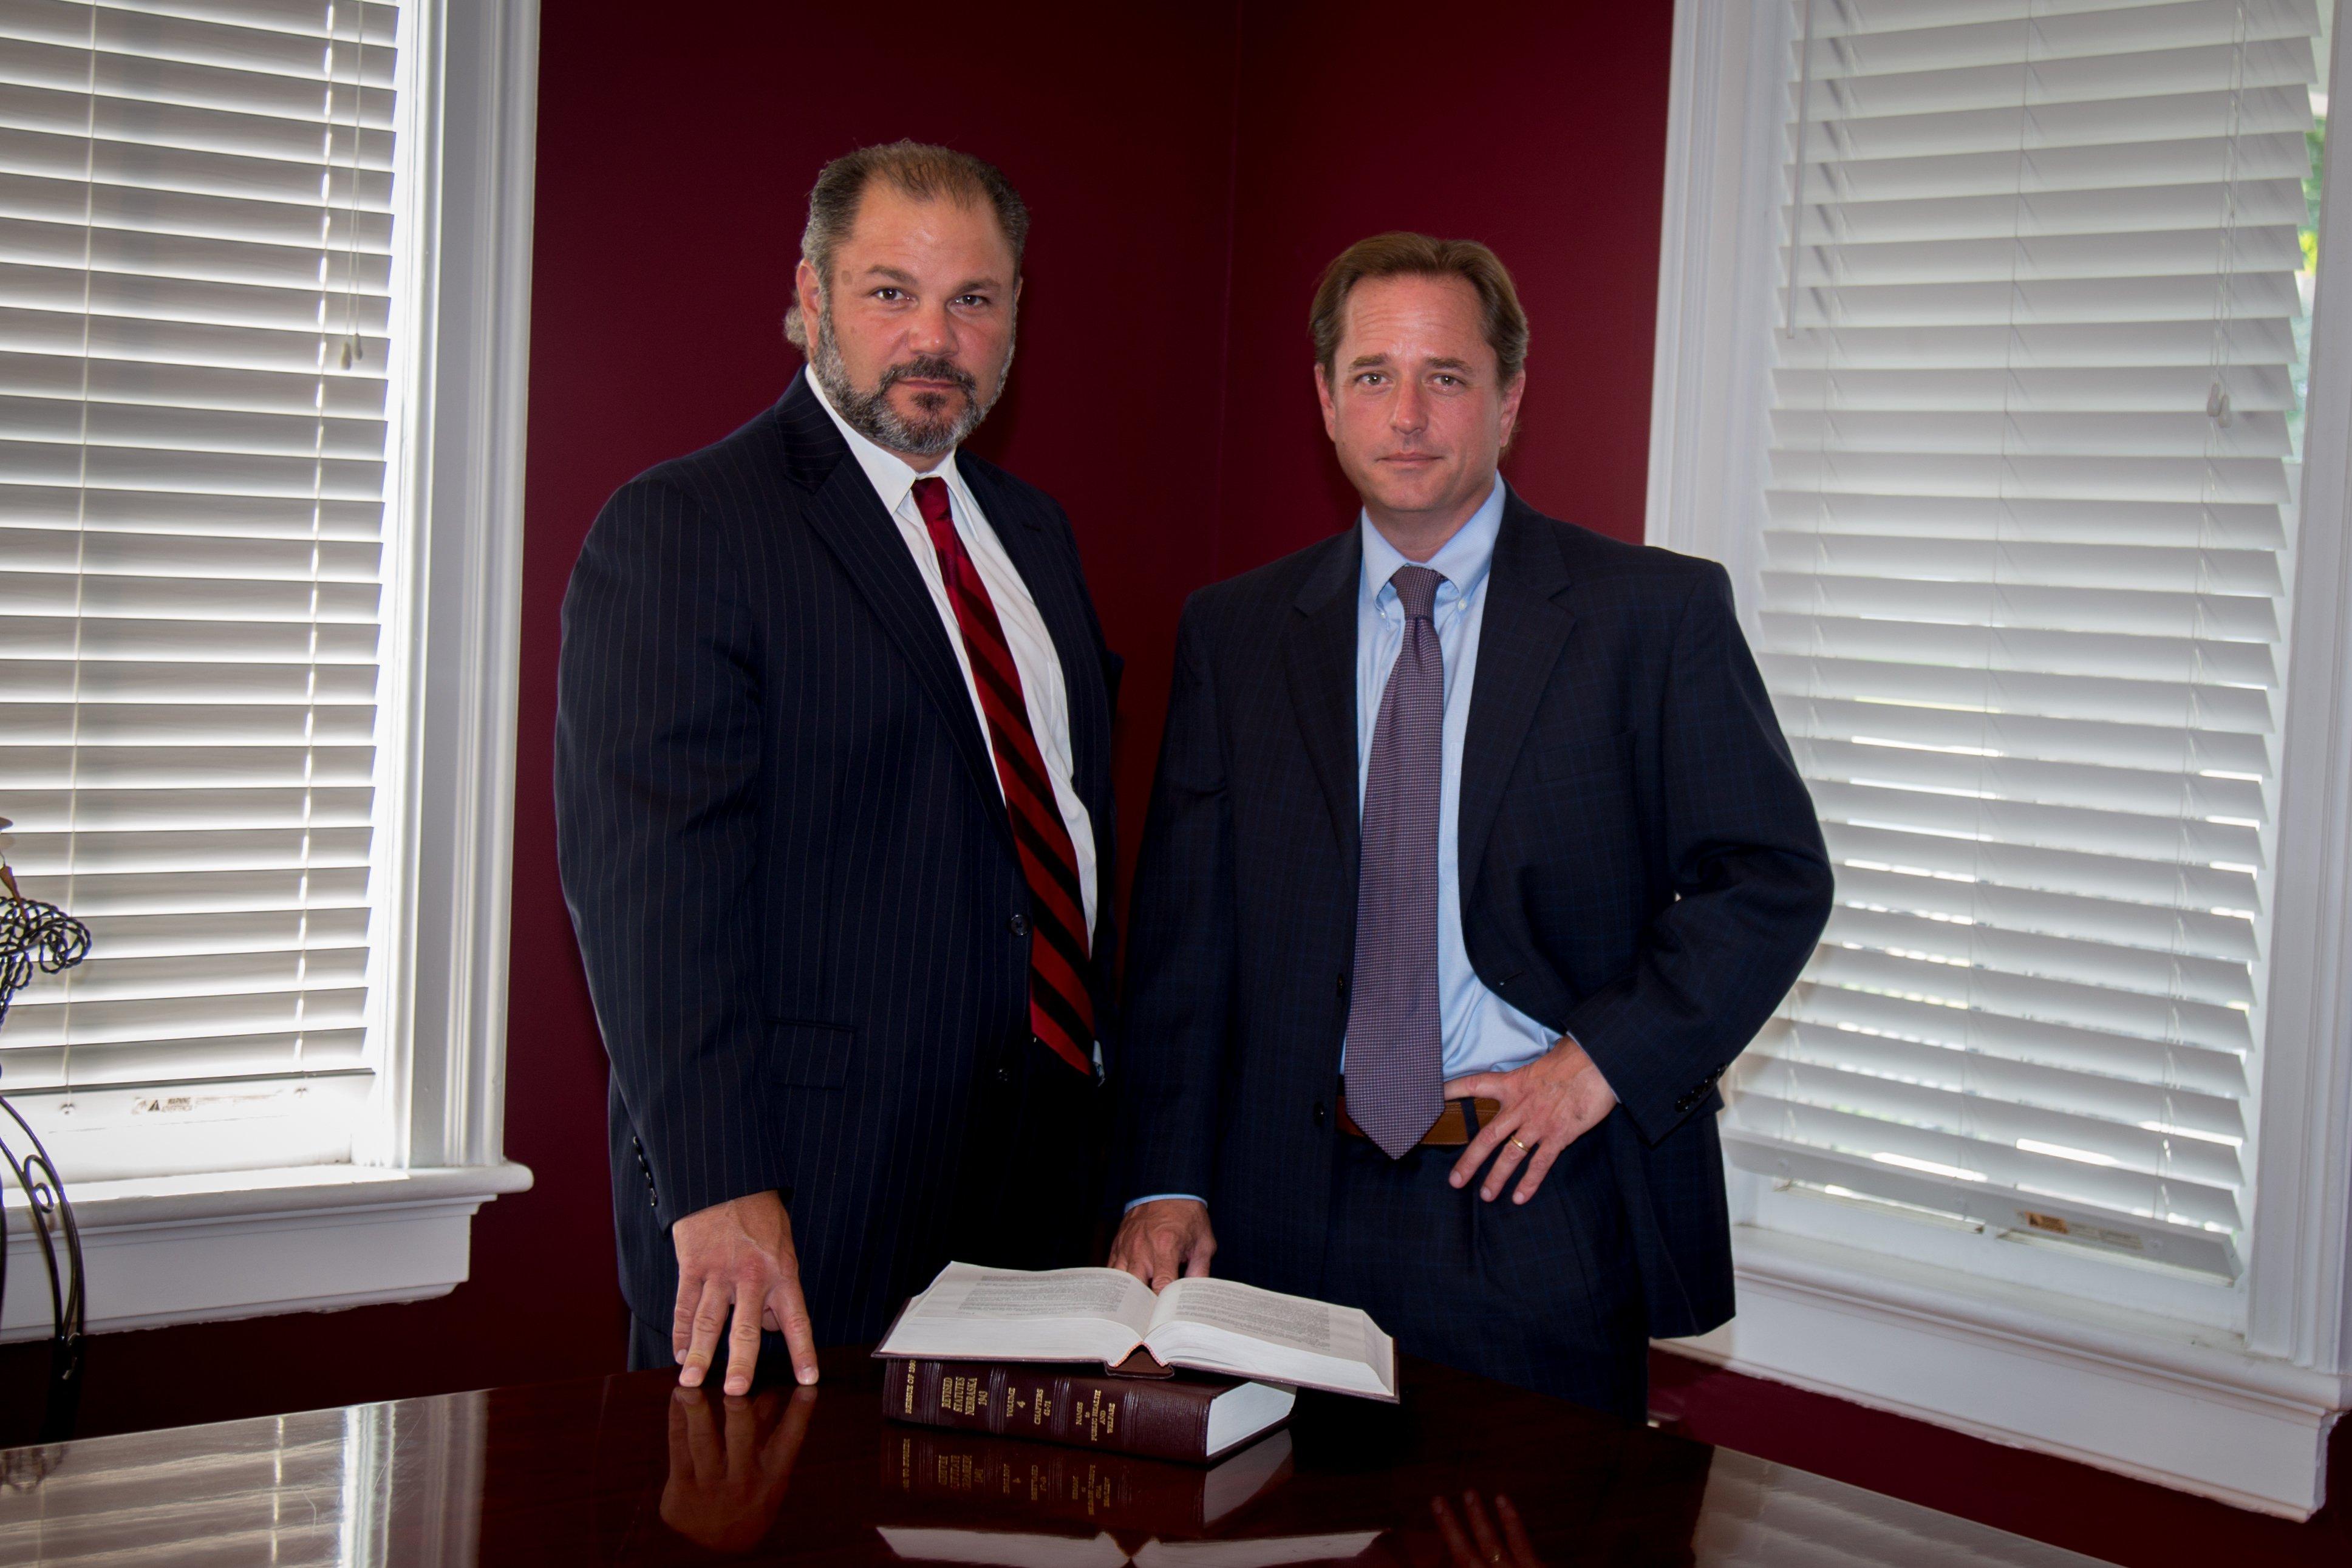 Criminal attorney services in Lincoln, NE